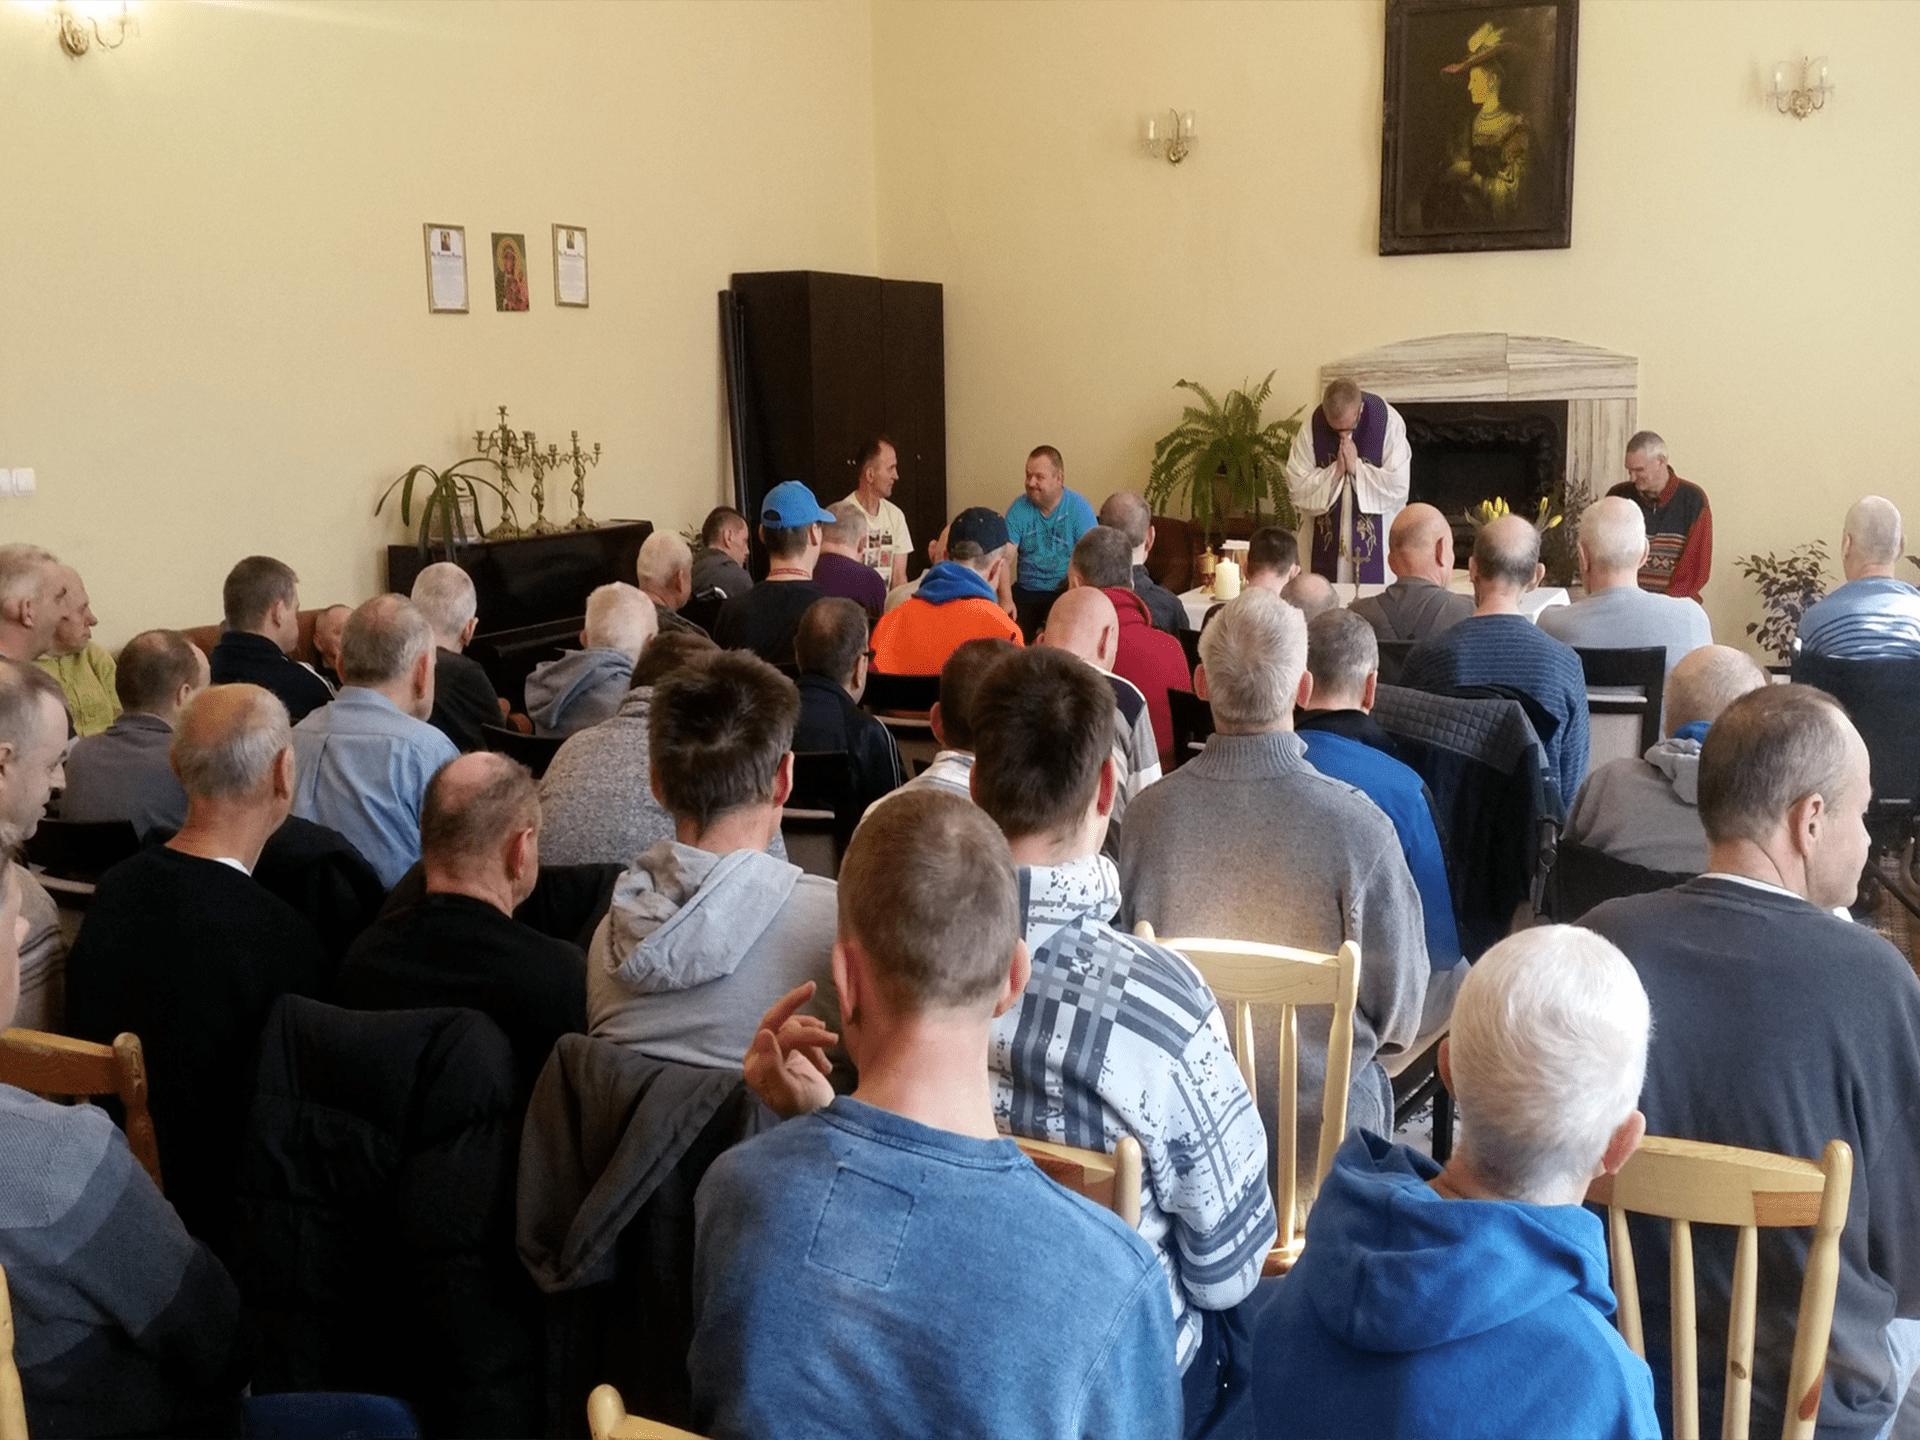 Grupa mieszkańców siedzących na dużej sali, słuchających mszy. Przed nimi ksiądz, który prowadzi Mszę Świętą.